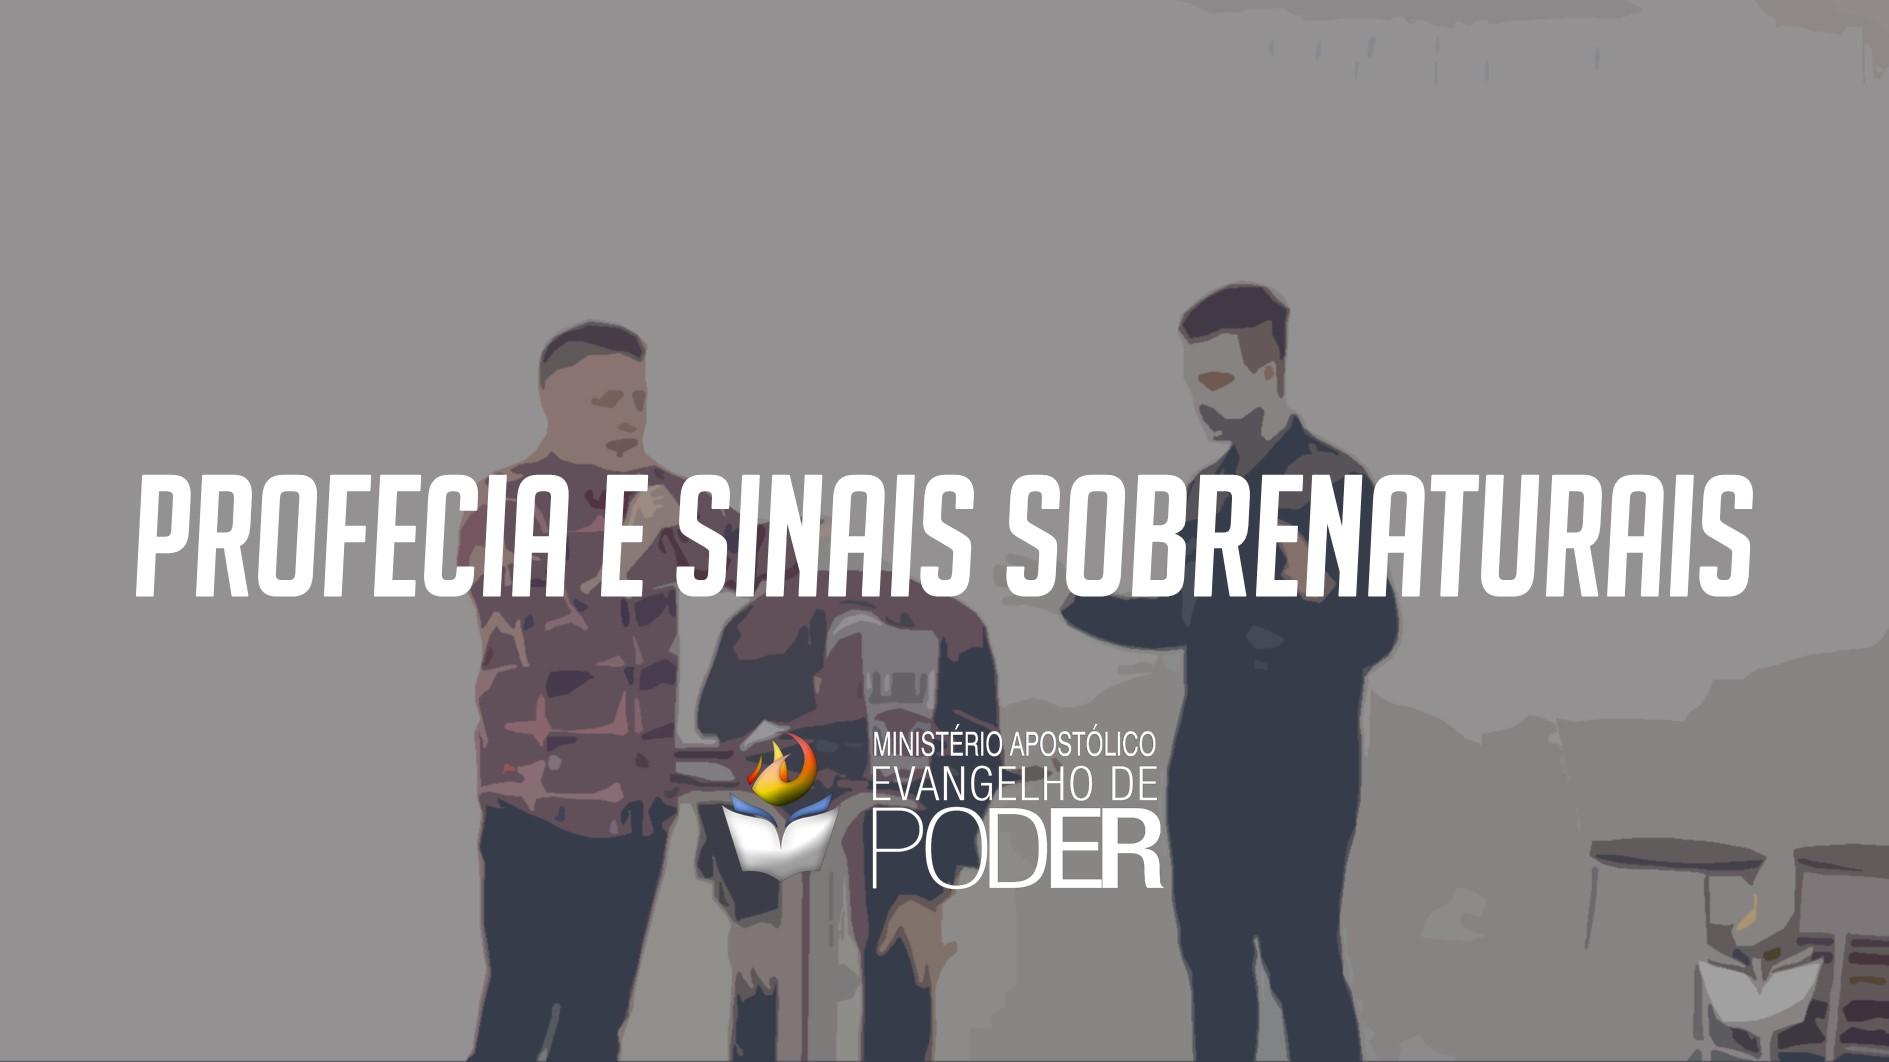 PROFECIA E SINAIS SOBRENATURAIS - ASSISTA , FOI TREMENDO!